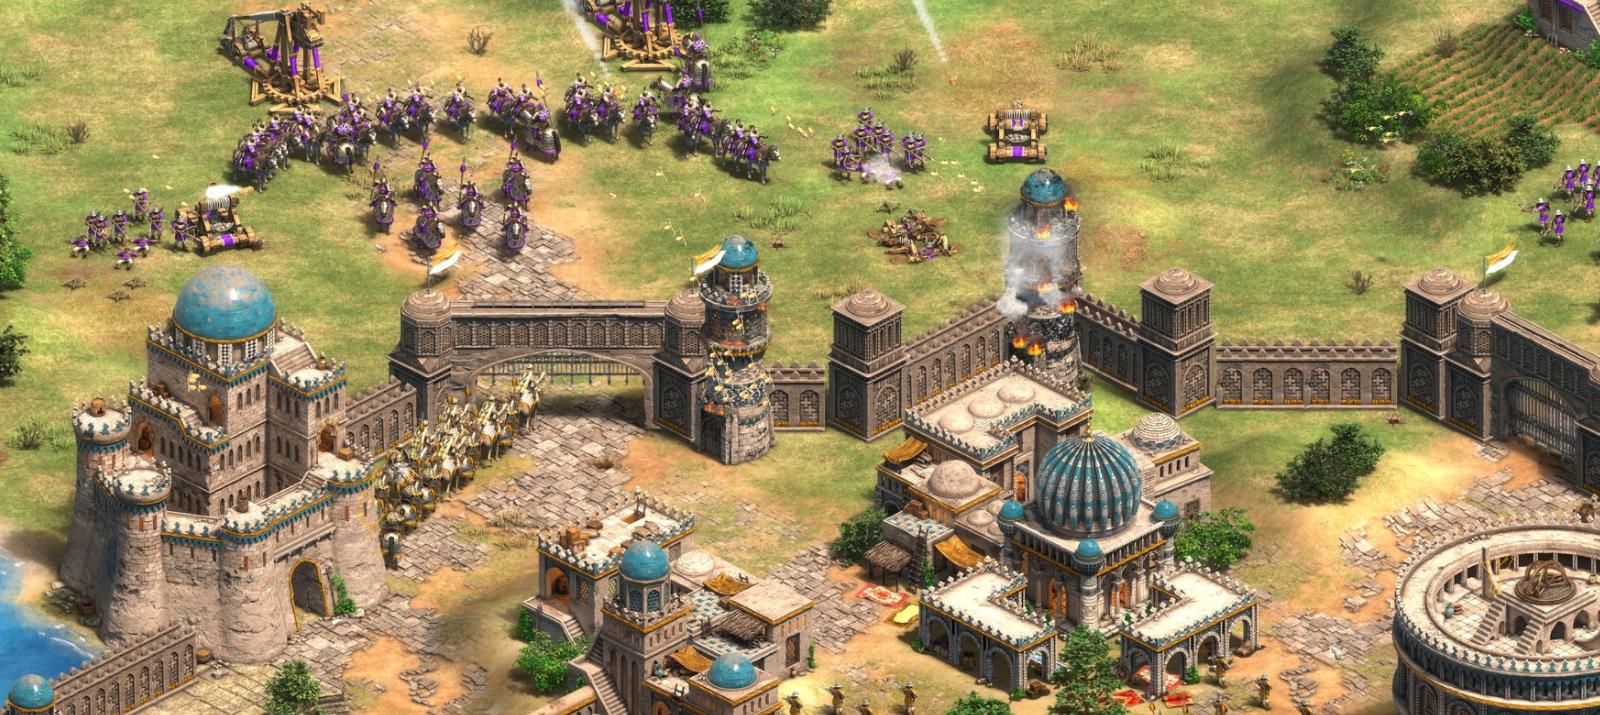 Разработчики Age of Empires намекнули на свое присутствие на Gamescom с помощью шифра